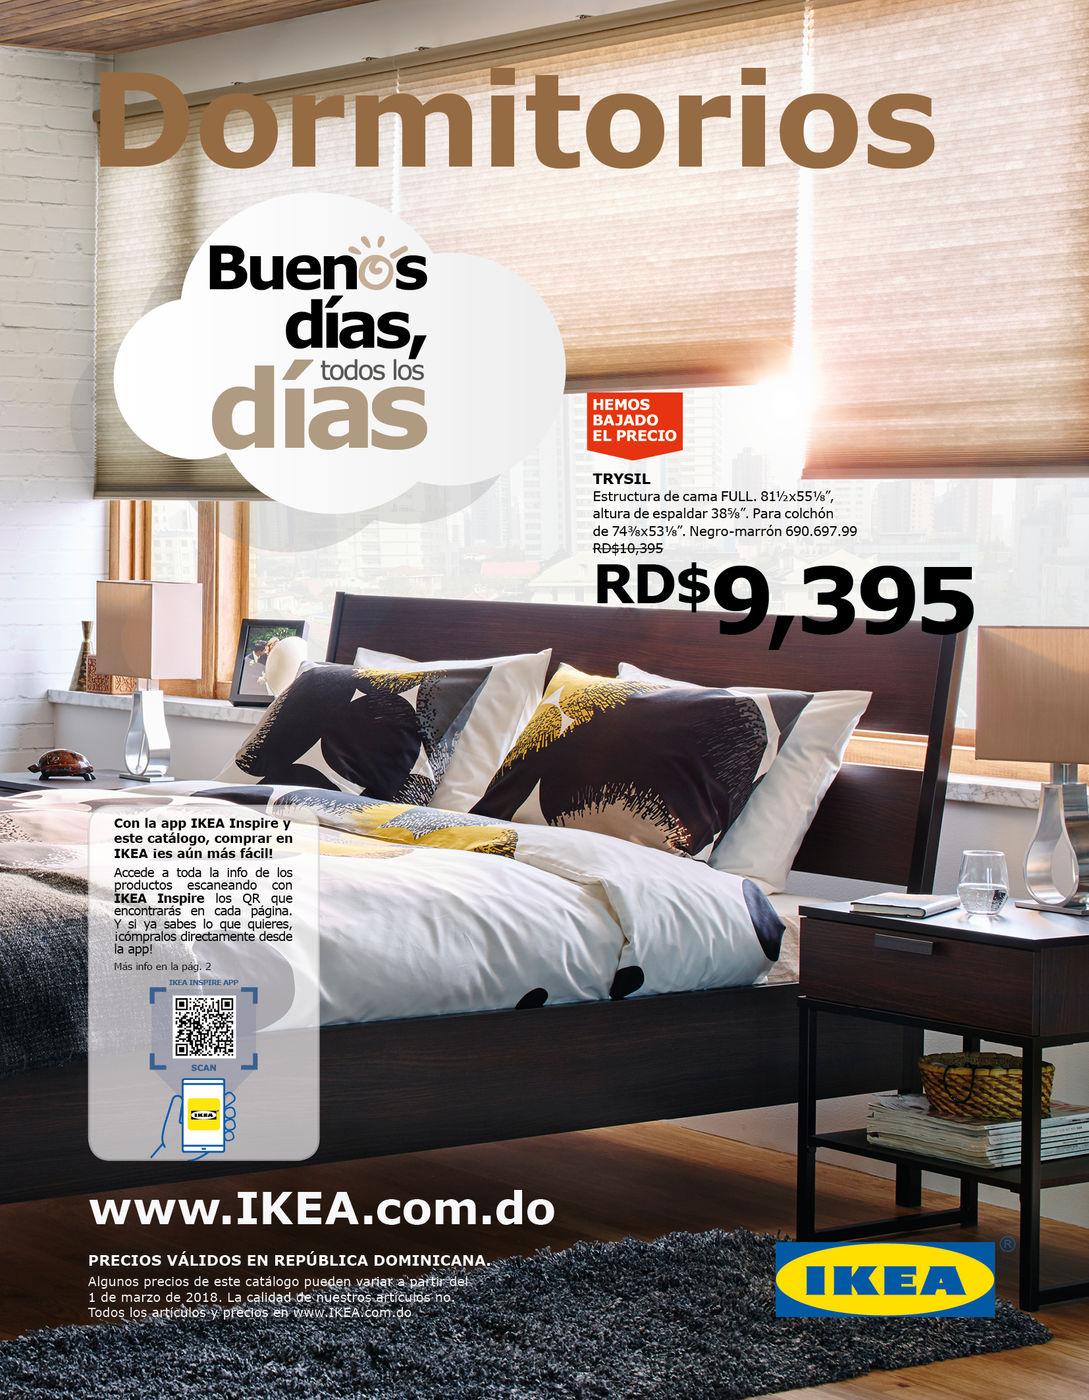 Catalogo Distribucion Oct Dormitorios 2018 Sdq - Ikea-dormitorios-catalogo